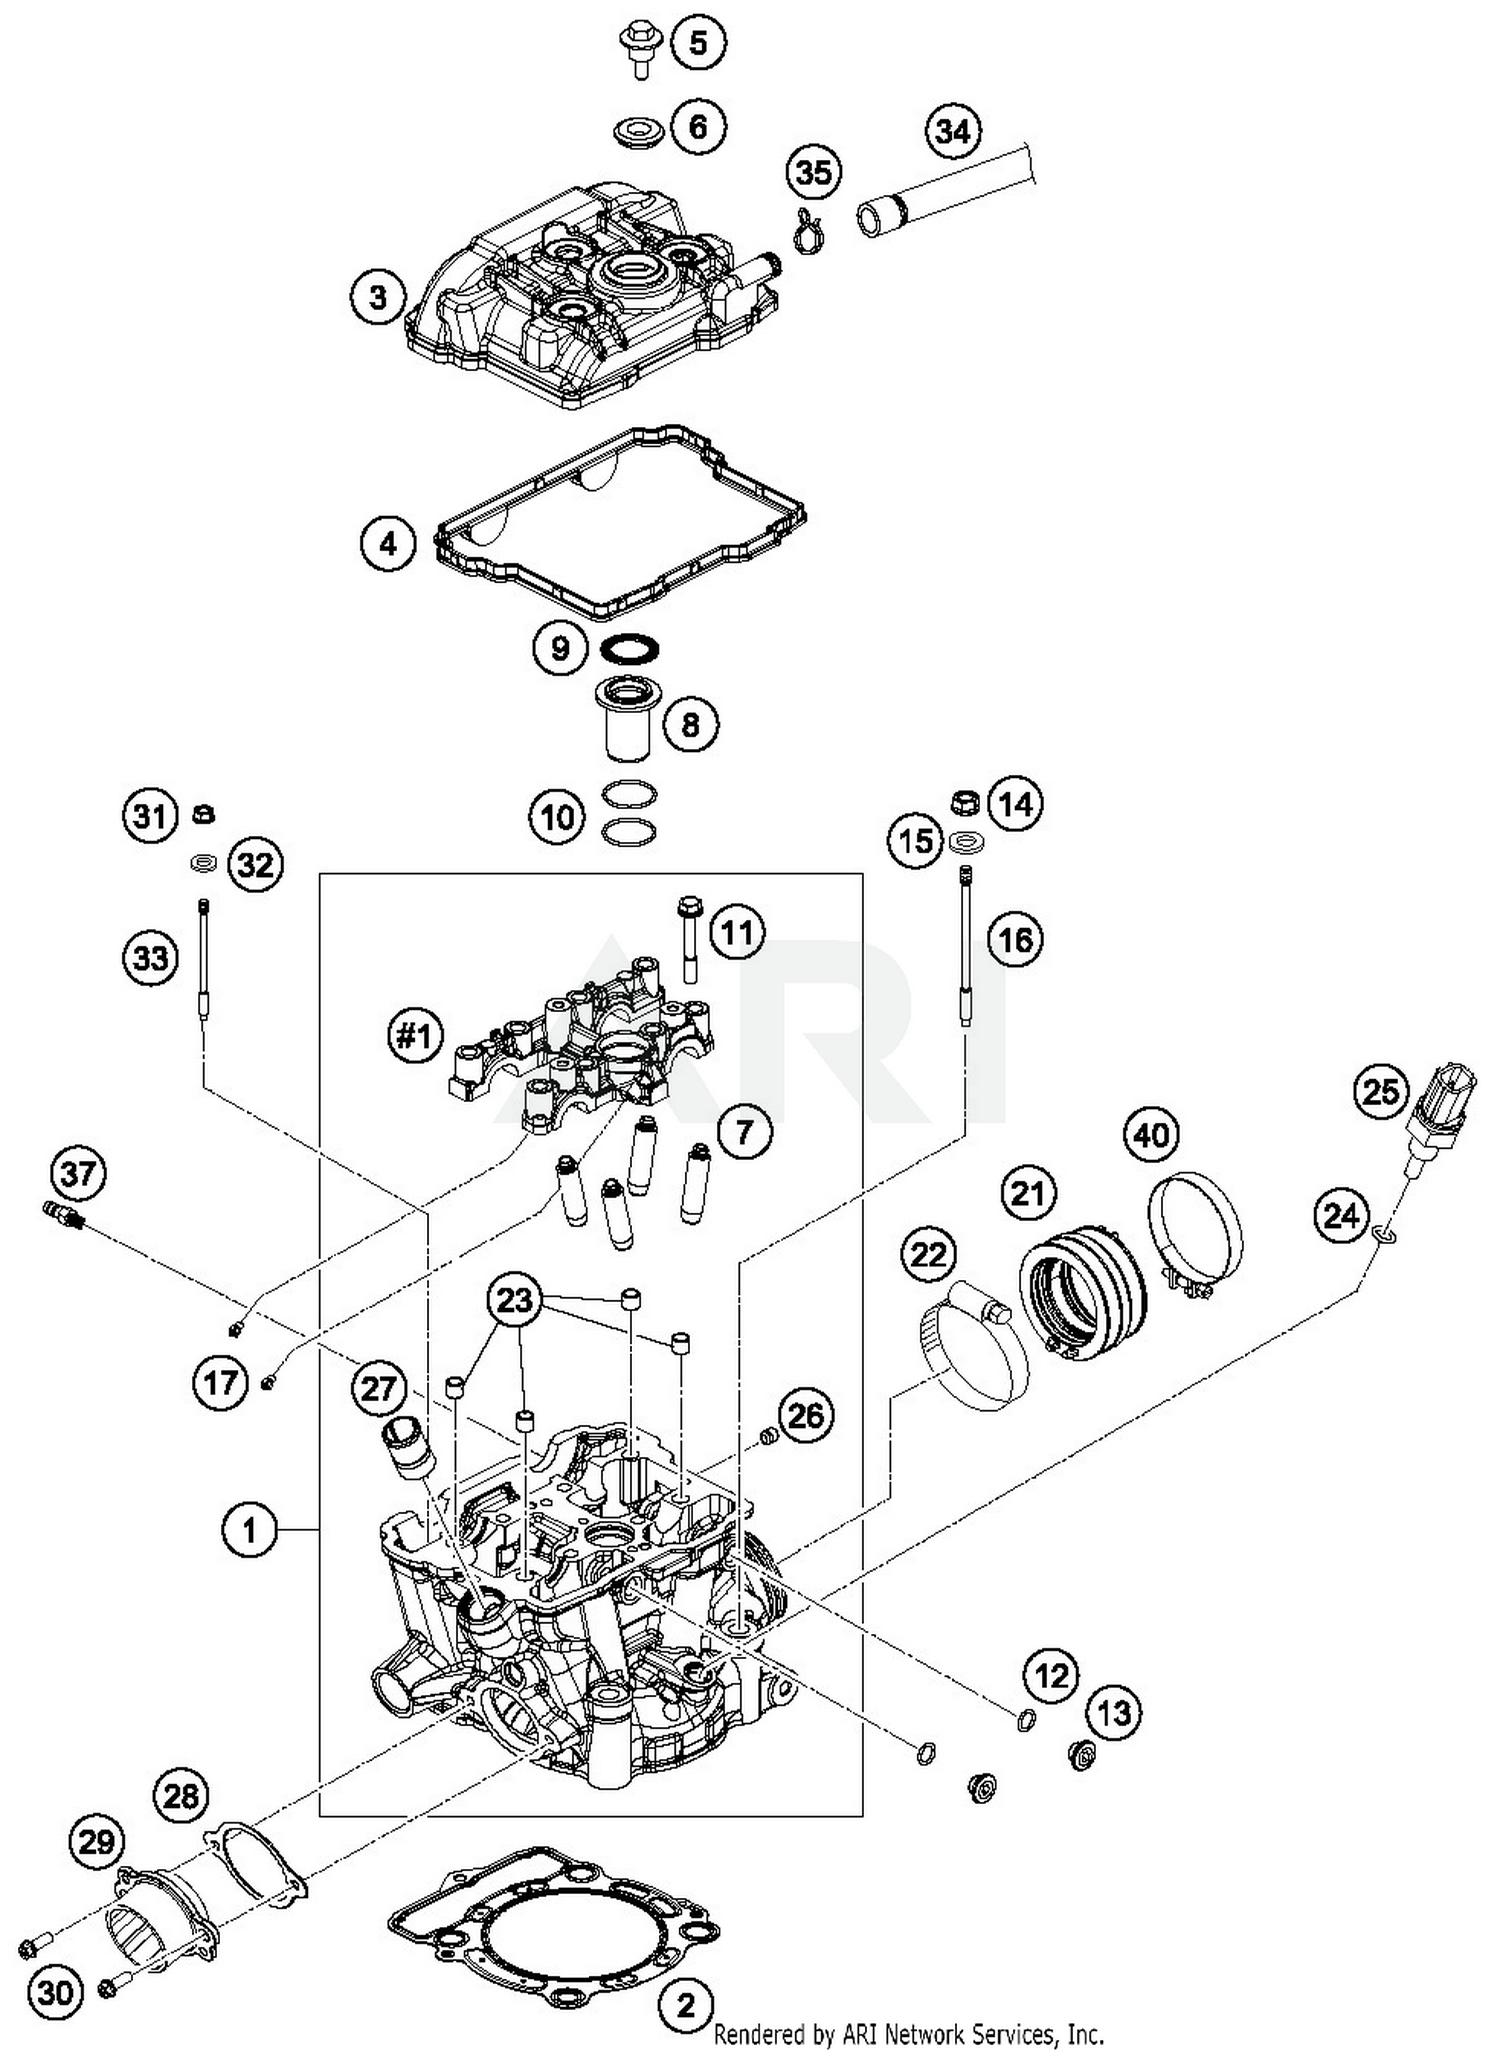 ktm 620 96 wiring diagrams wiring diagram data nl Motor Wiring Symbols ktm exc headlight wiring diagram wiring diagram database ktm schematics ktm 620 96 wiring diagrams